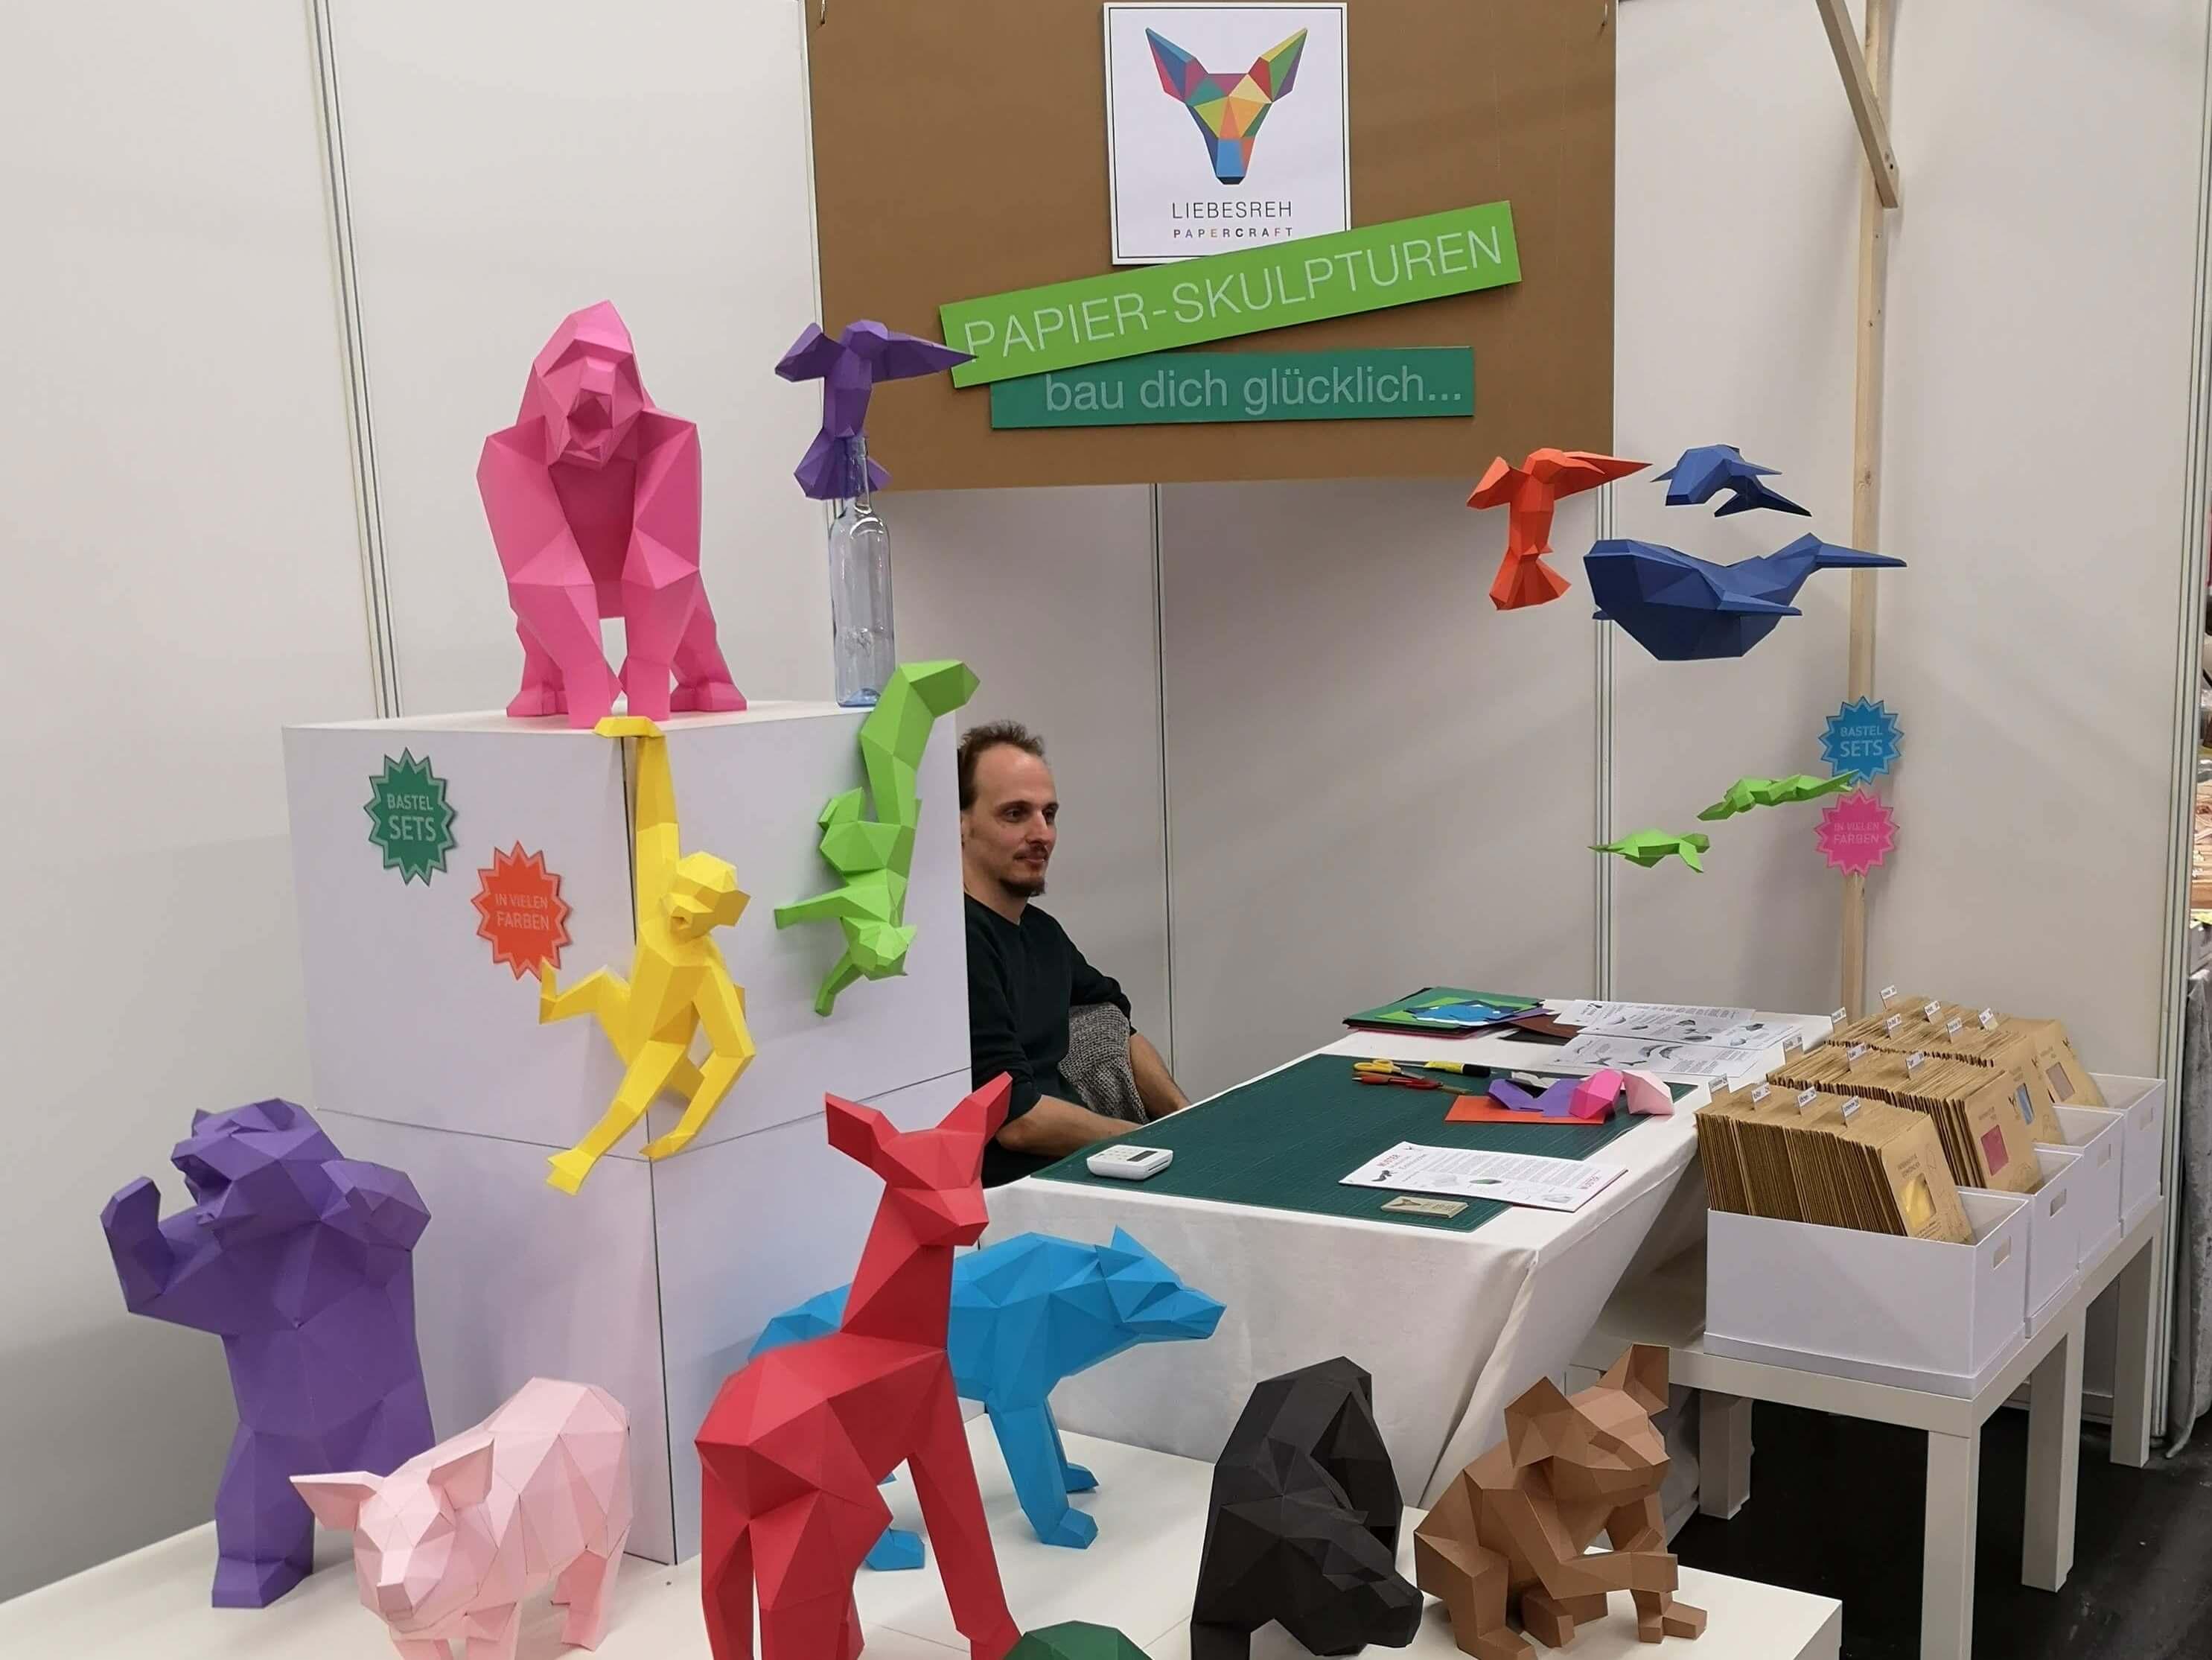 Tolle Geschenkideen zum, Beispiel Papptiere von Liebesreh auf der Kreativ Welt Frankfurt - Frankfurt mit Kids